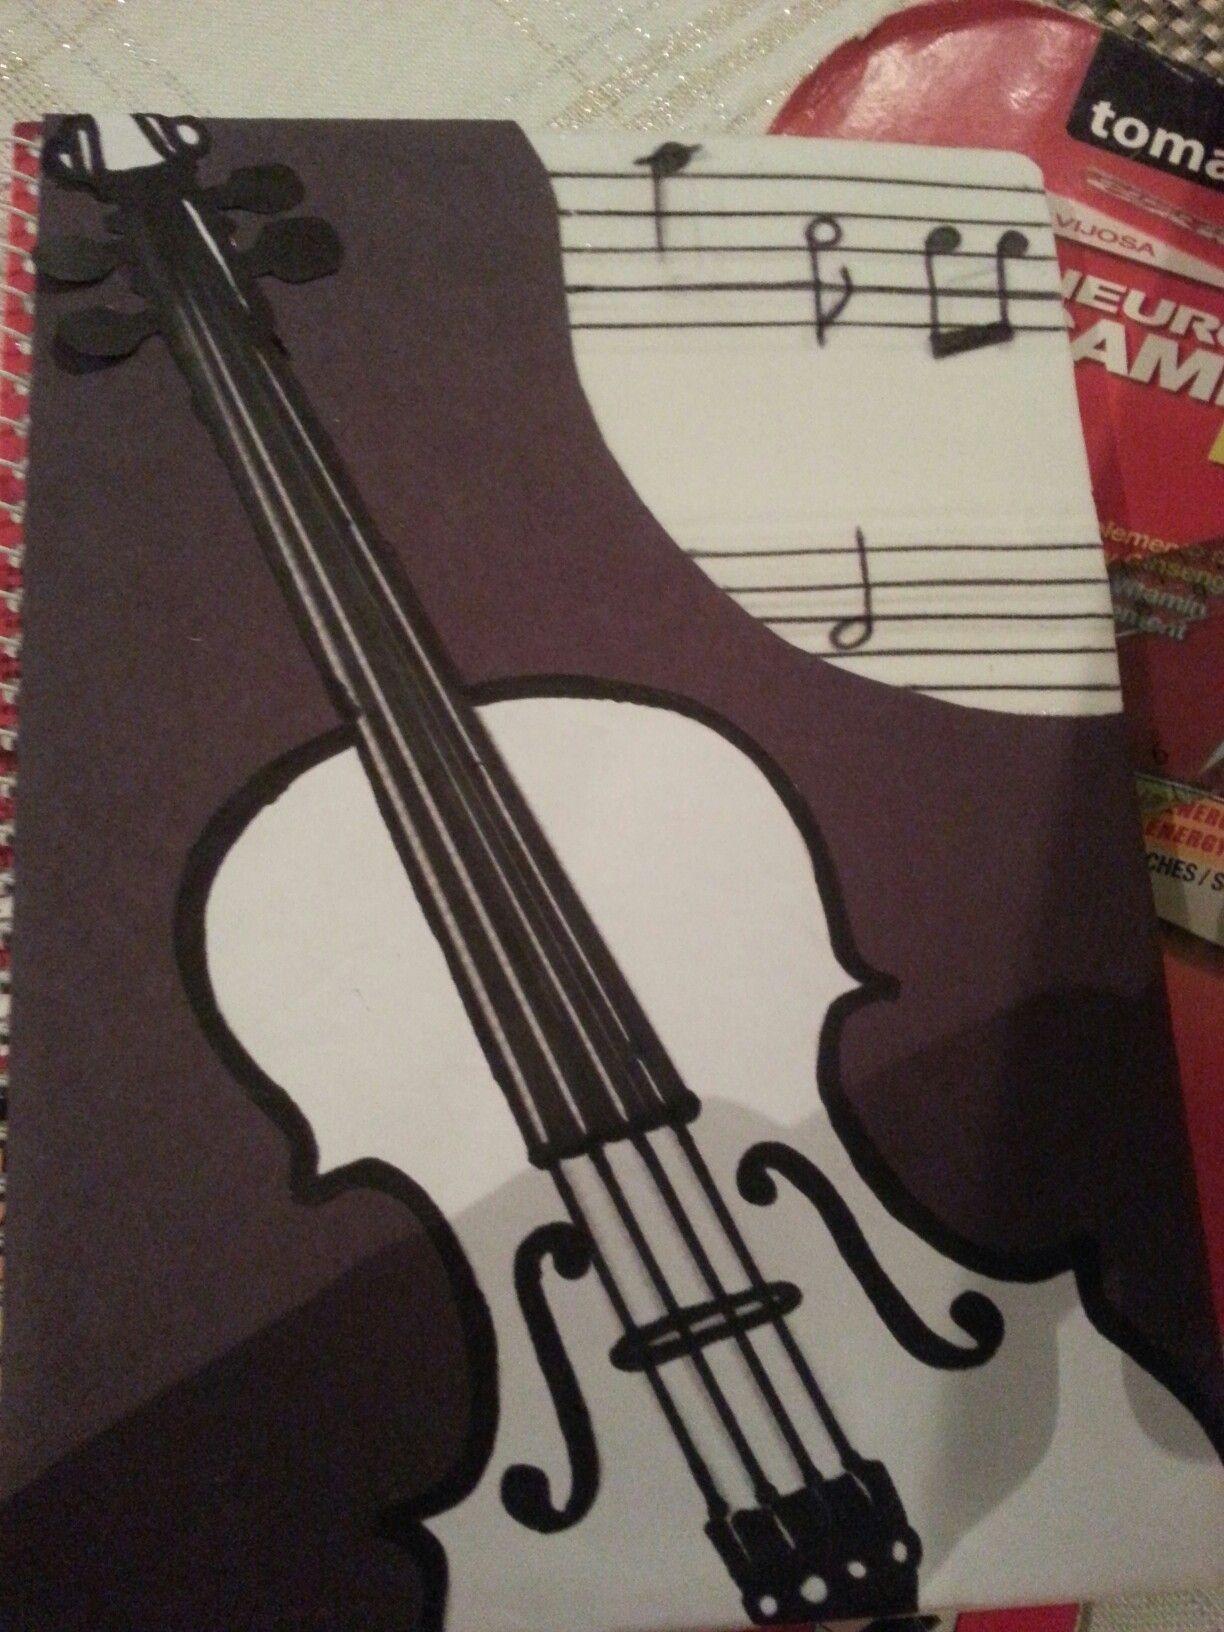 Violin Papercraft Libreta Decorada Con Violn Mºsica Creaciones Gageda